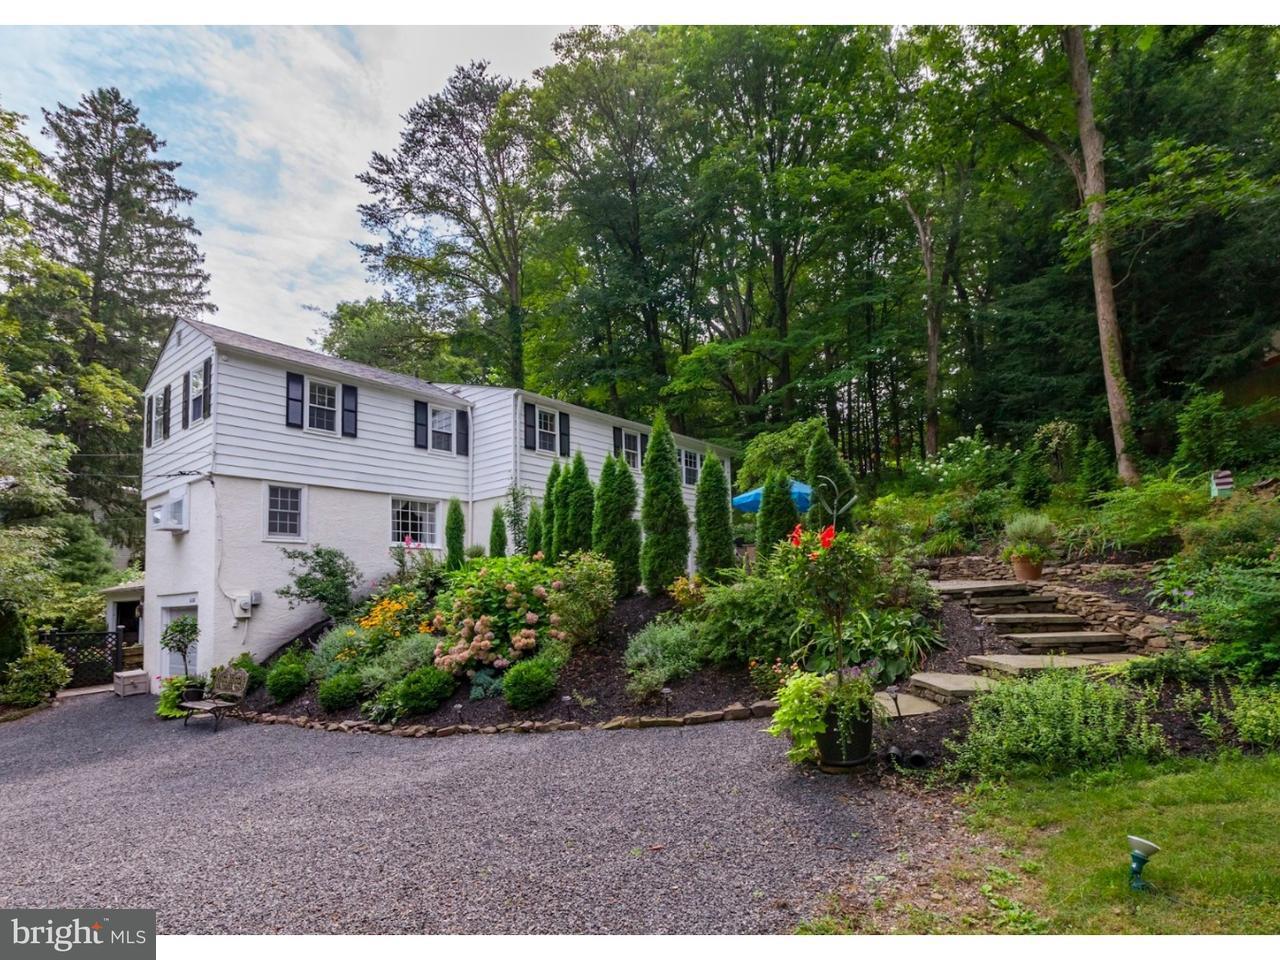 Maison unifamiliale pour l Vente à 6128 CARVERSVILLE Road Carversville, Pennsylvanie 18913 États-UnisDans/Autour: Solebury Township